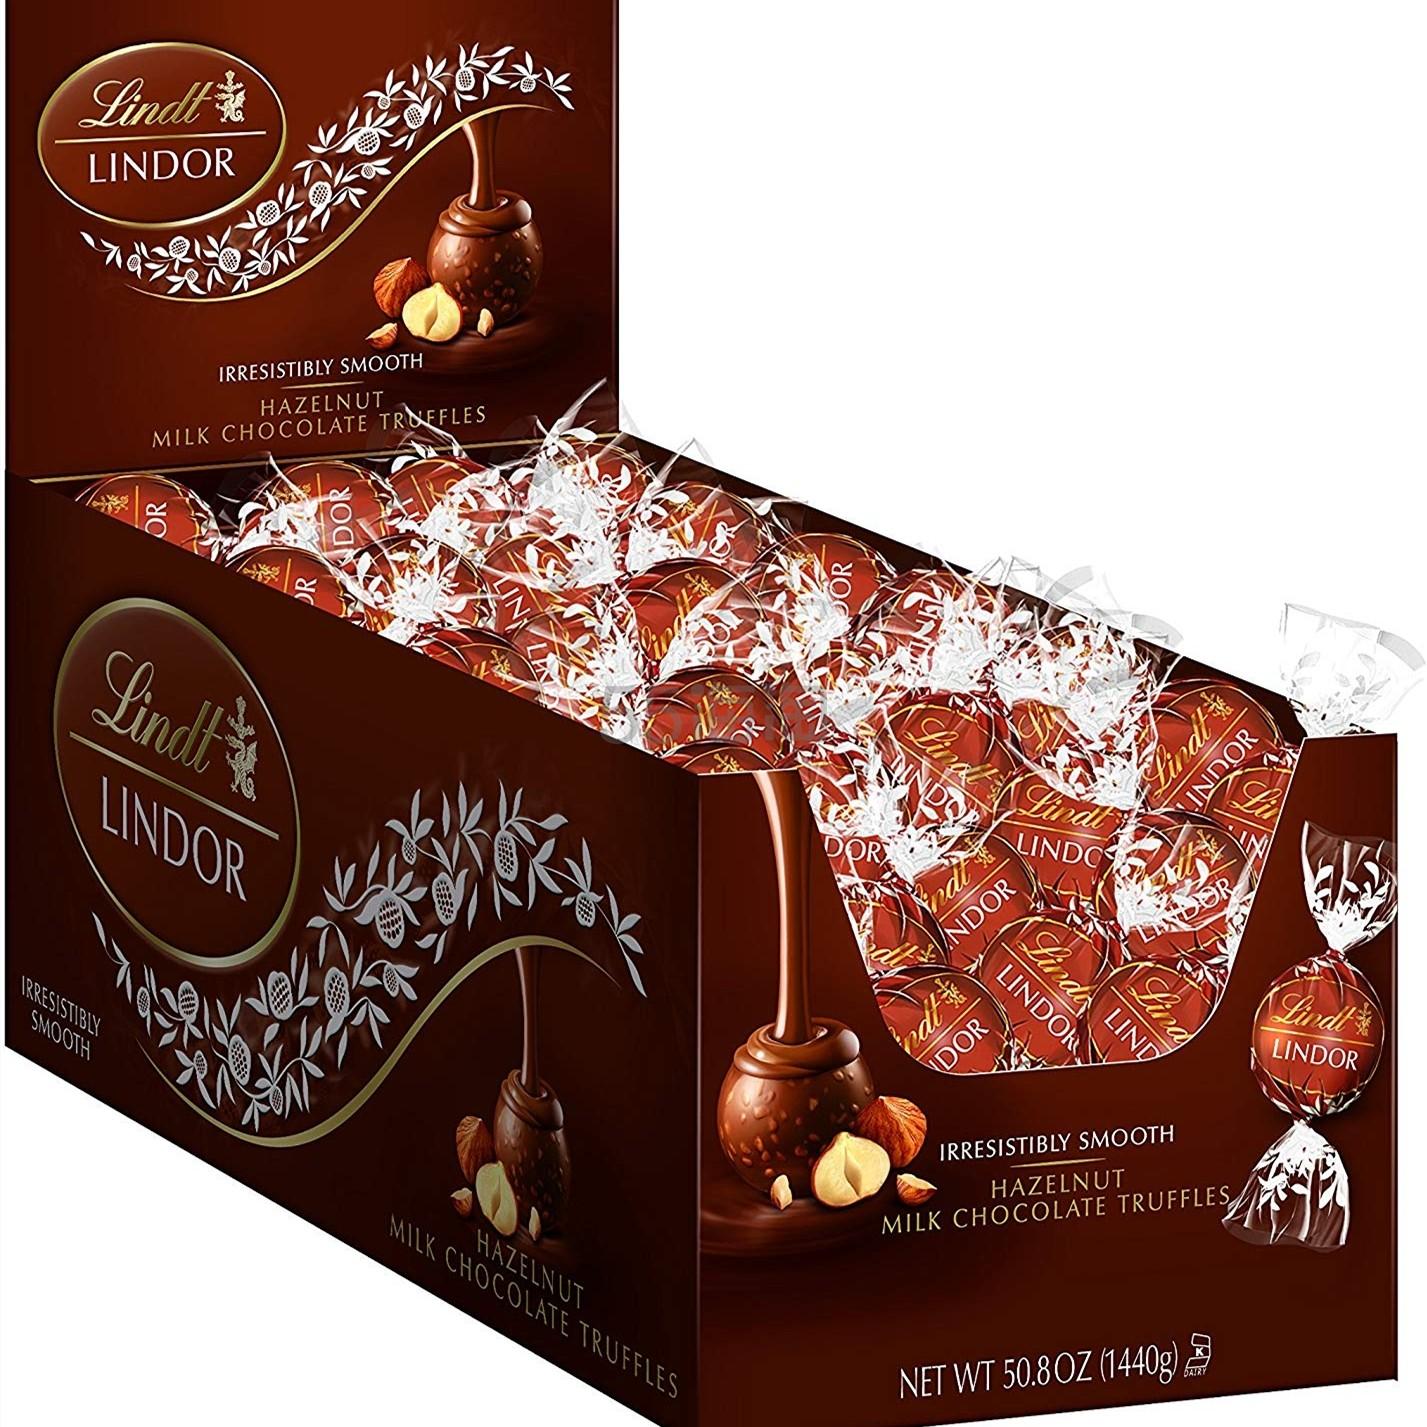 【中亚Prime会员】Lindt 瑞士莲 LINDOR 榛子牛奶巧克力松露 120粒 到手价225元 - 海淘优惠海淘折扣 55海淘网